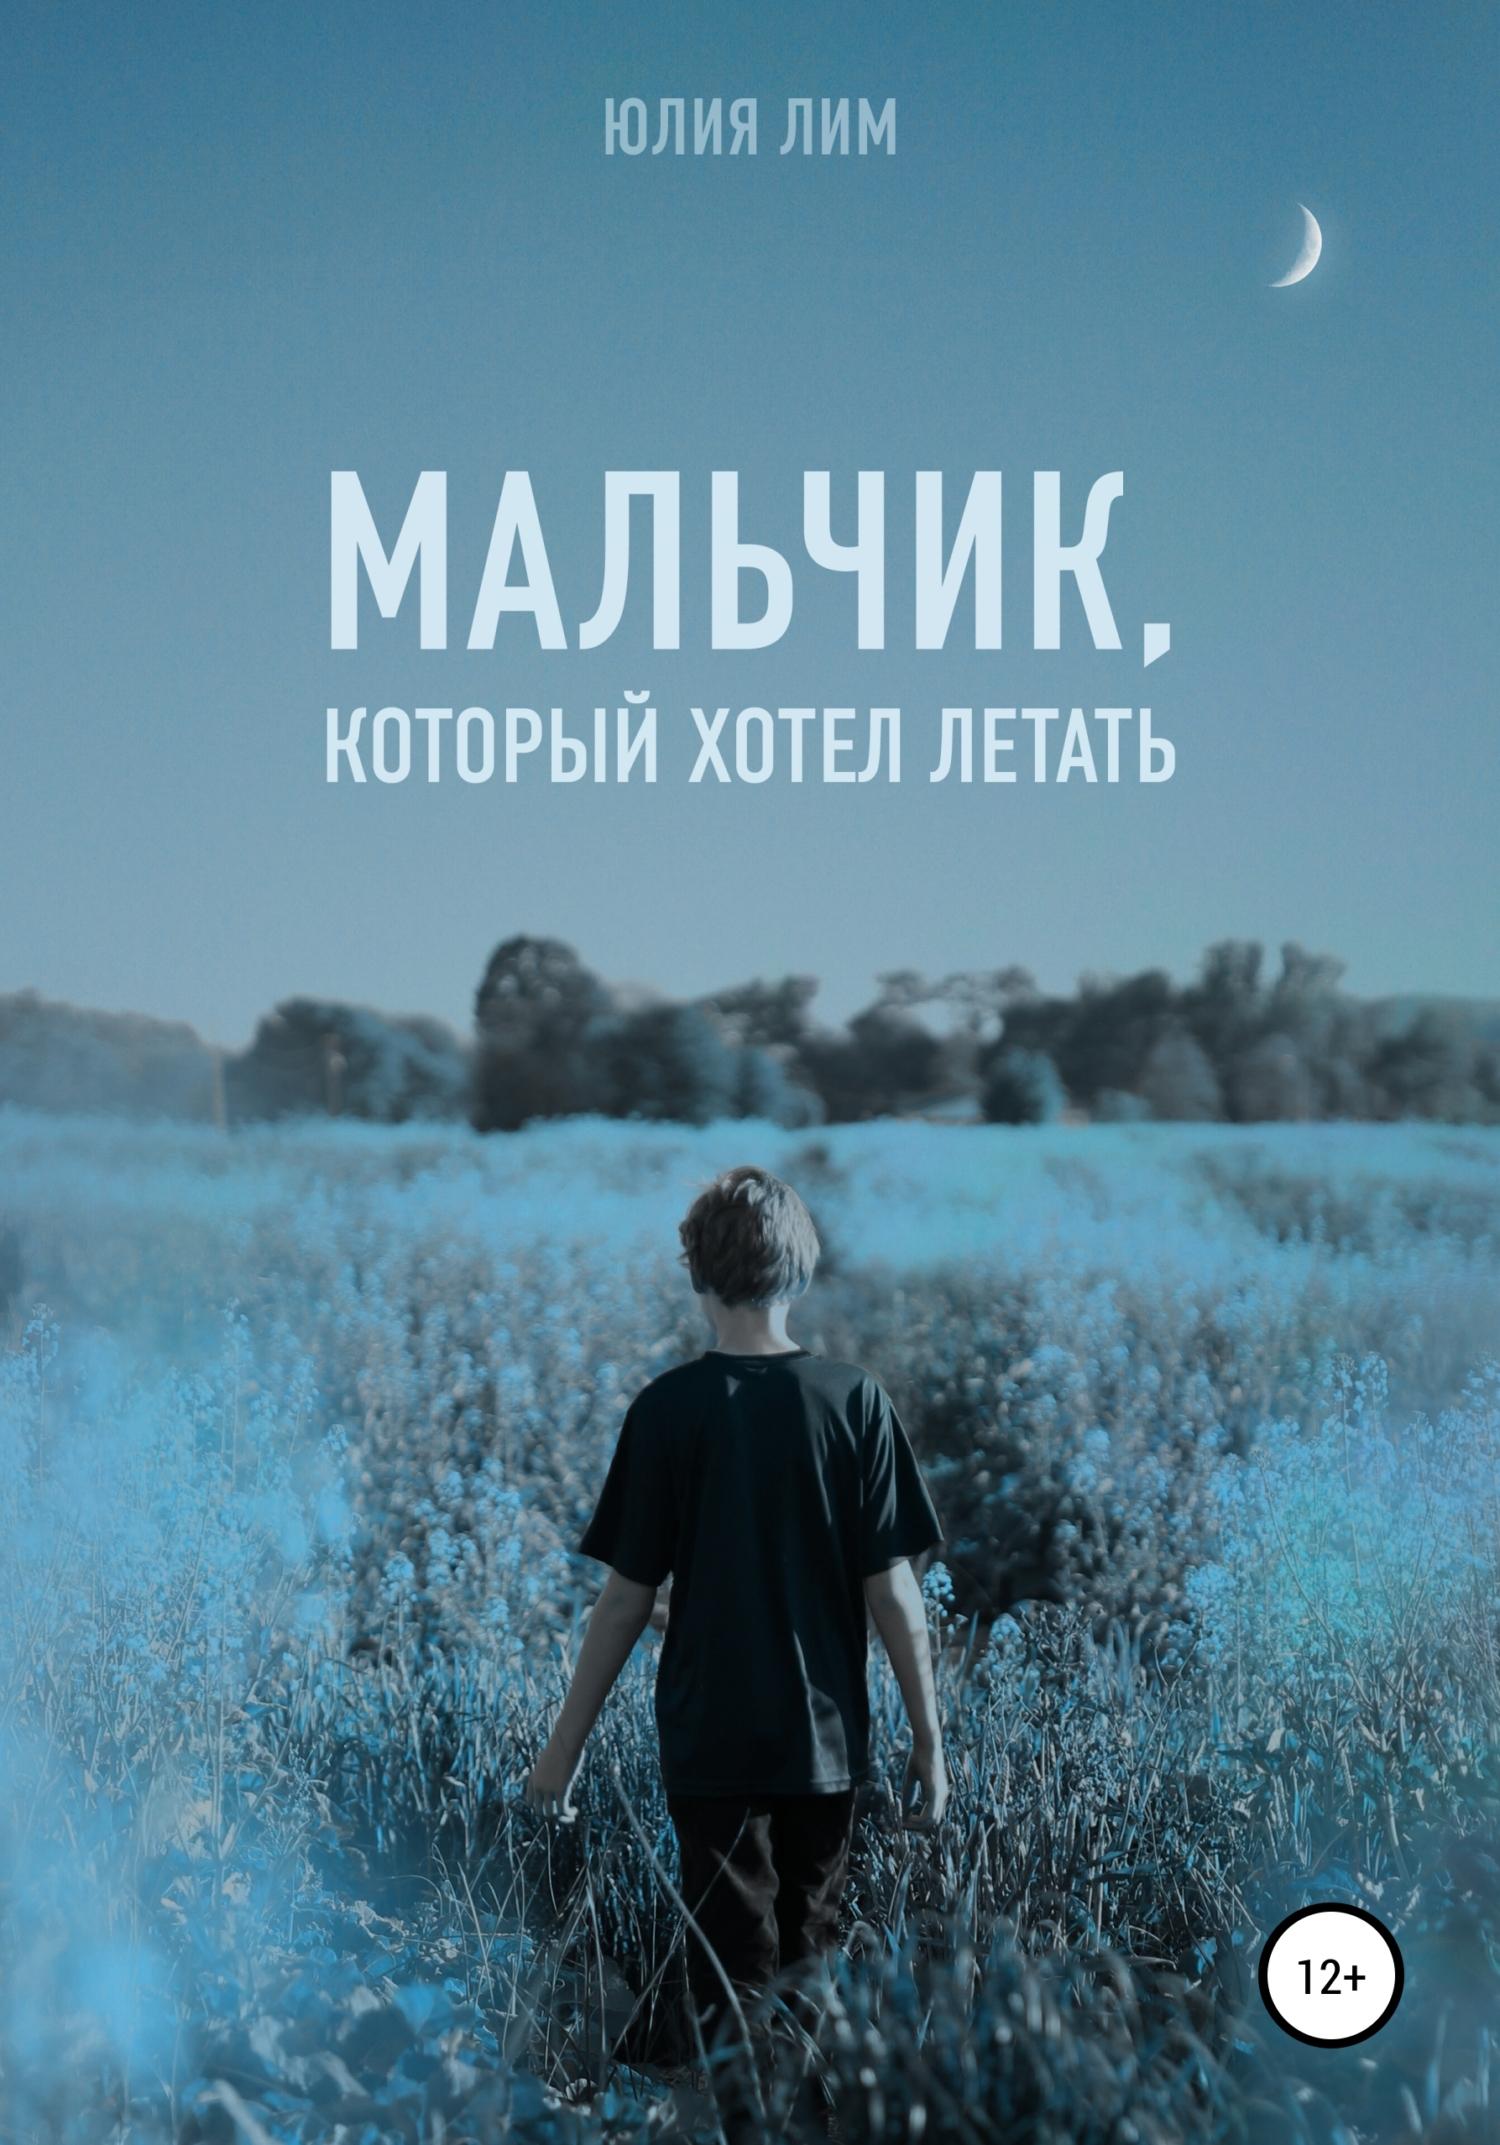 Юлия Лим Мальчик, который хотел летать юлия лим мальчик который хотел летать